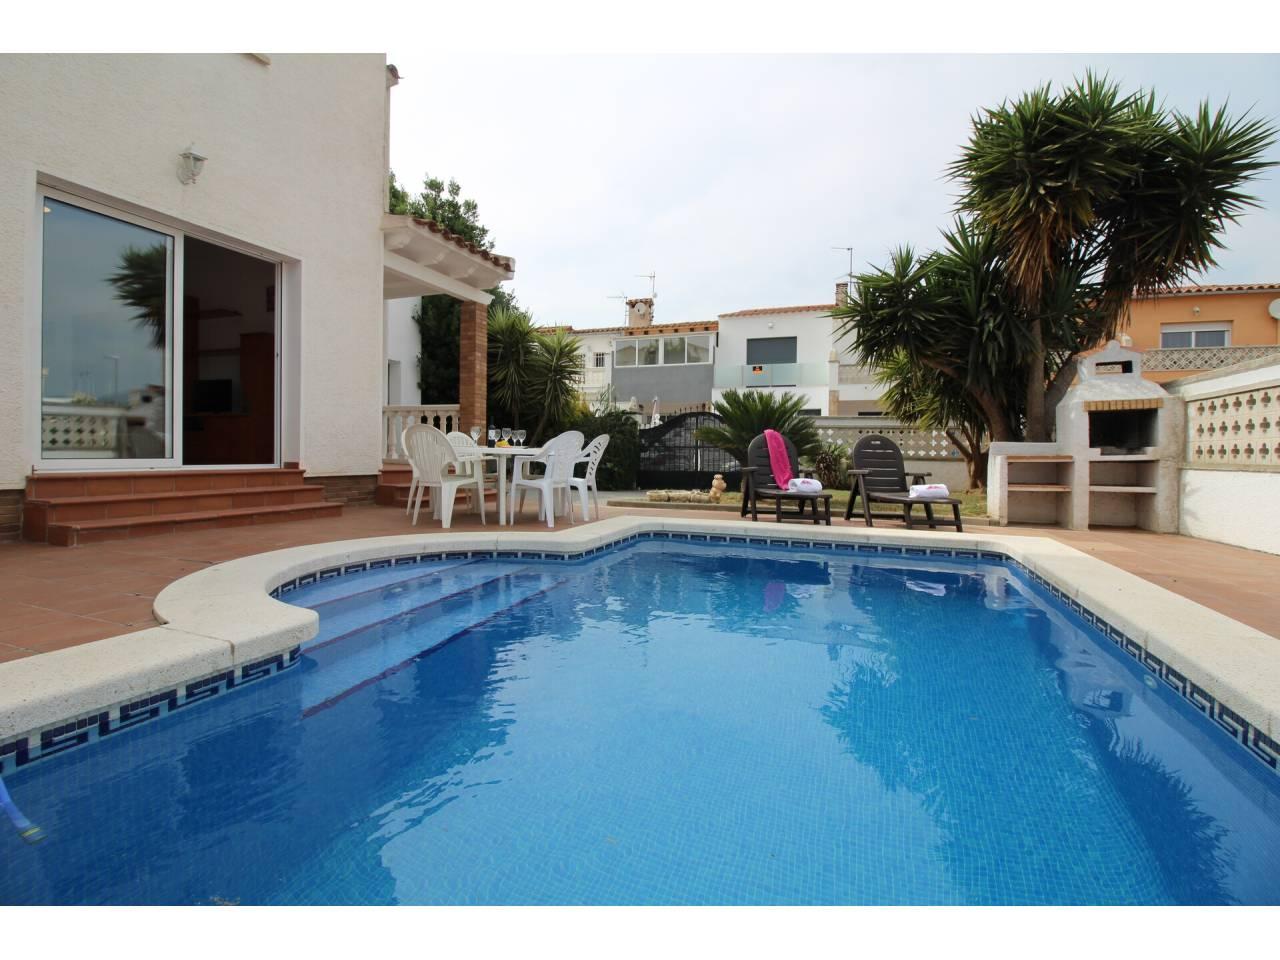 001143 - PUIGMAL Casa en venta con piscina y jardín privados